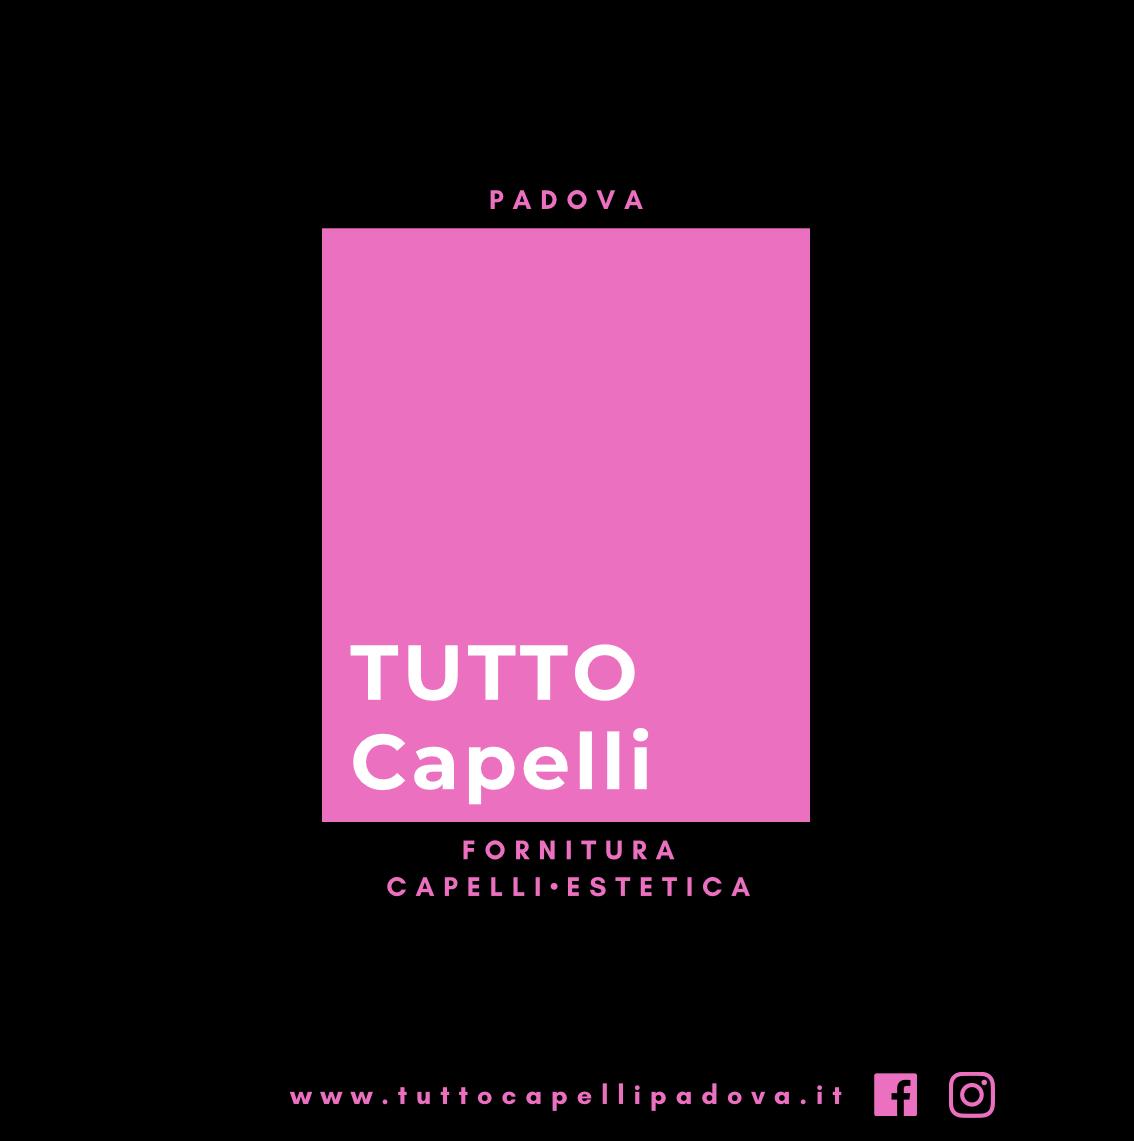 Fornitura Prodotti Per Estetiste e Parrucchieri a Padova